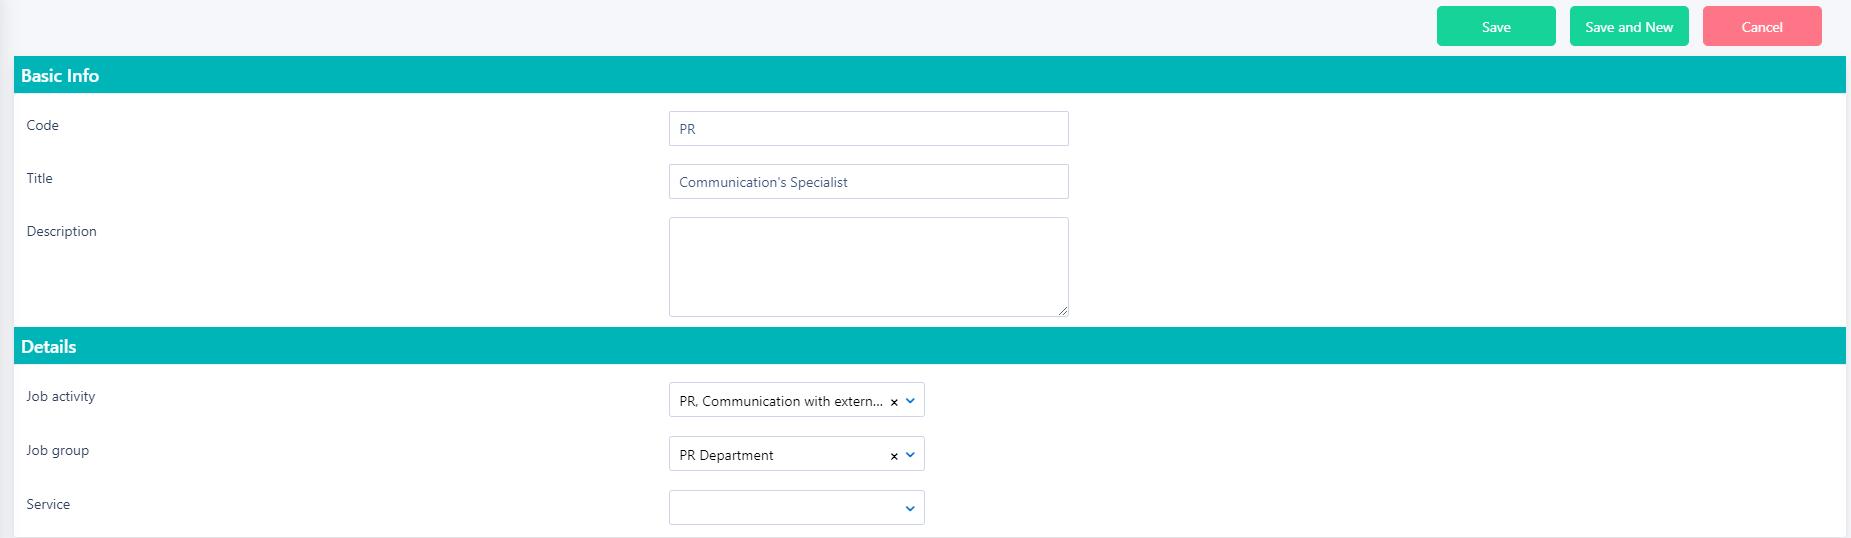 Add job title v.6  Comidor Platform